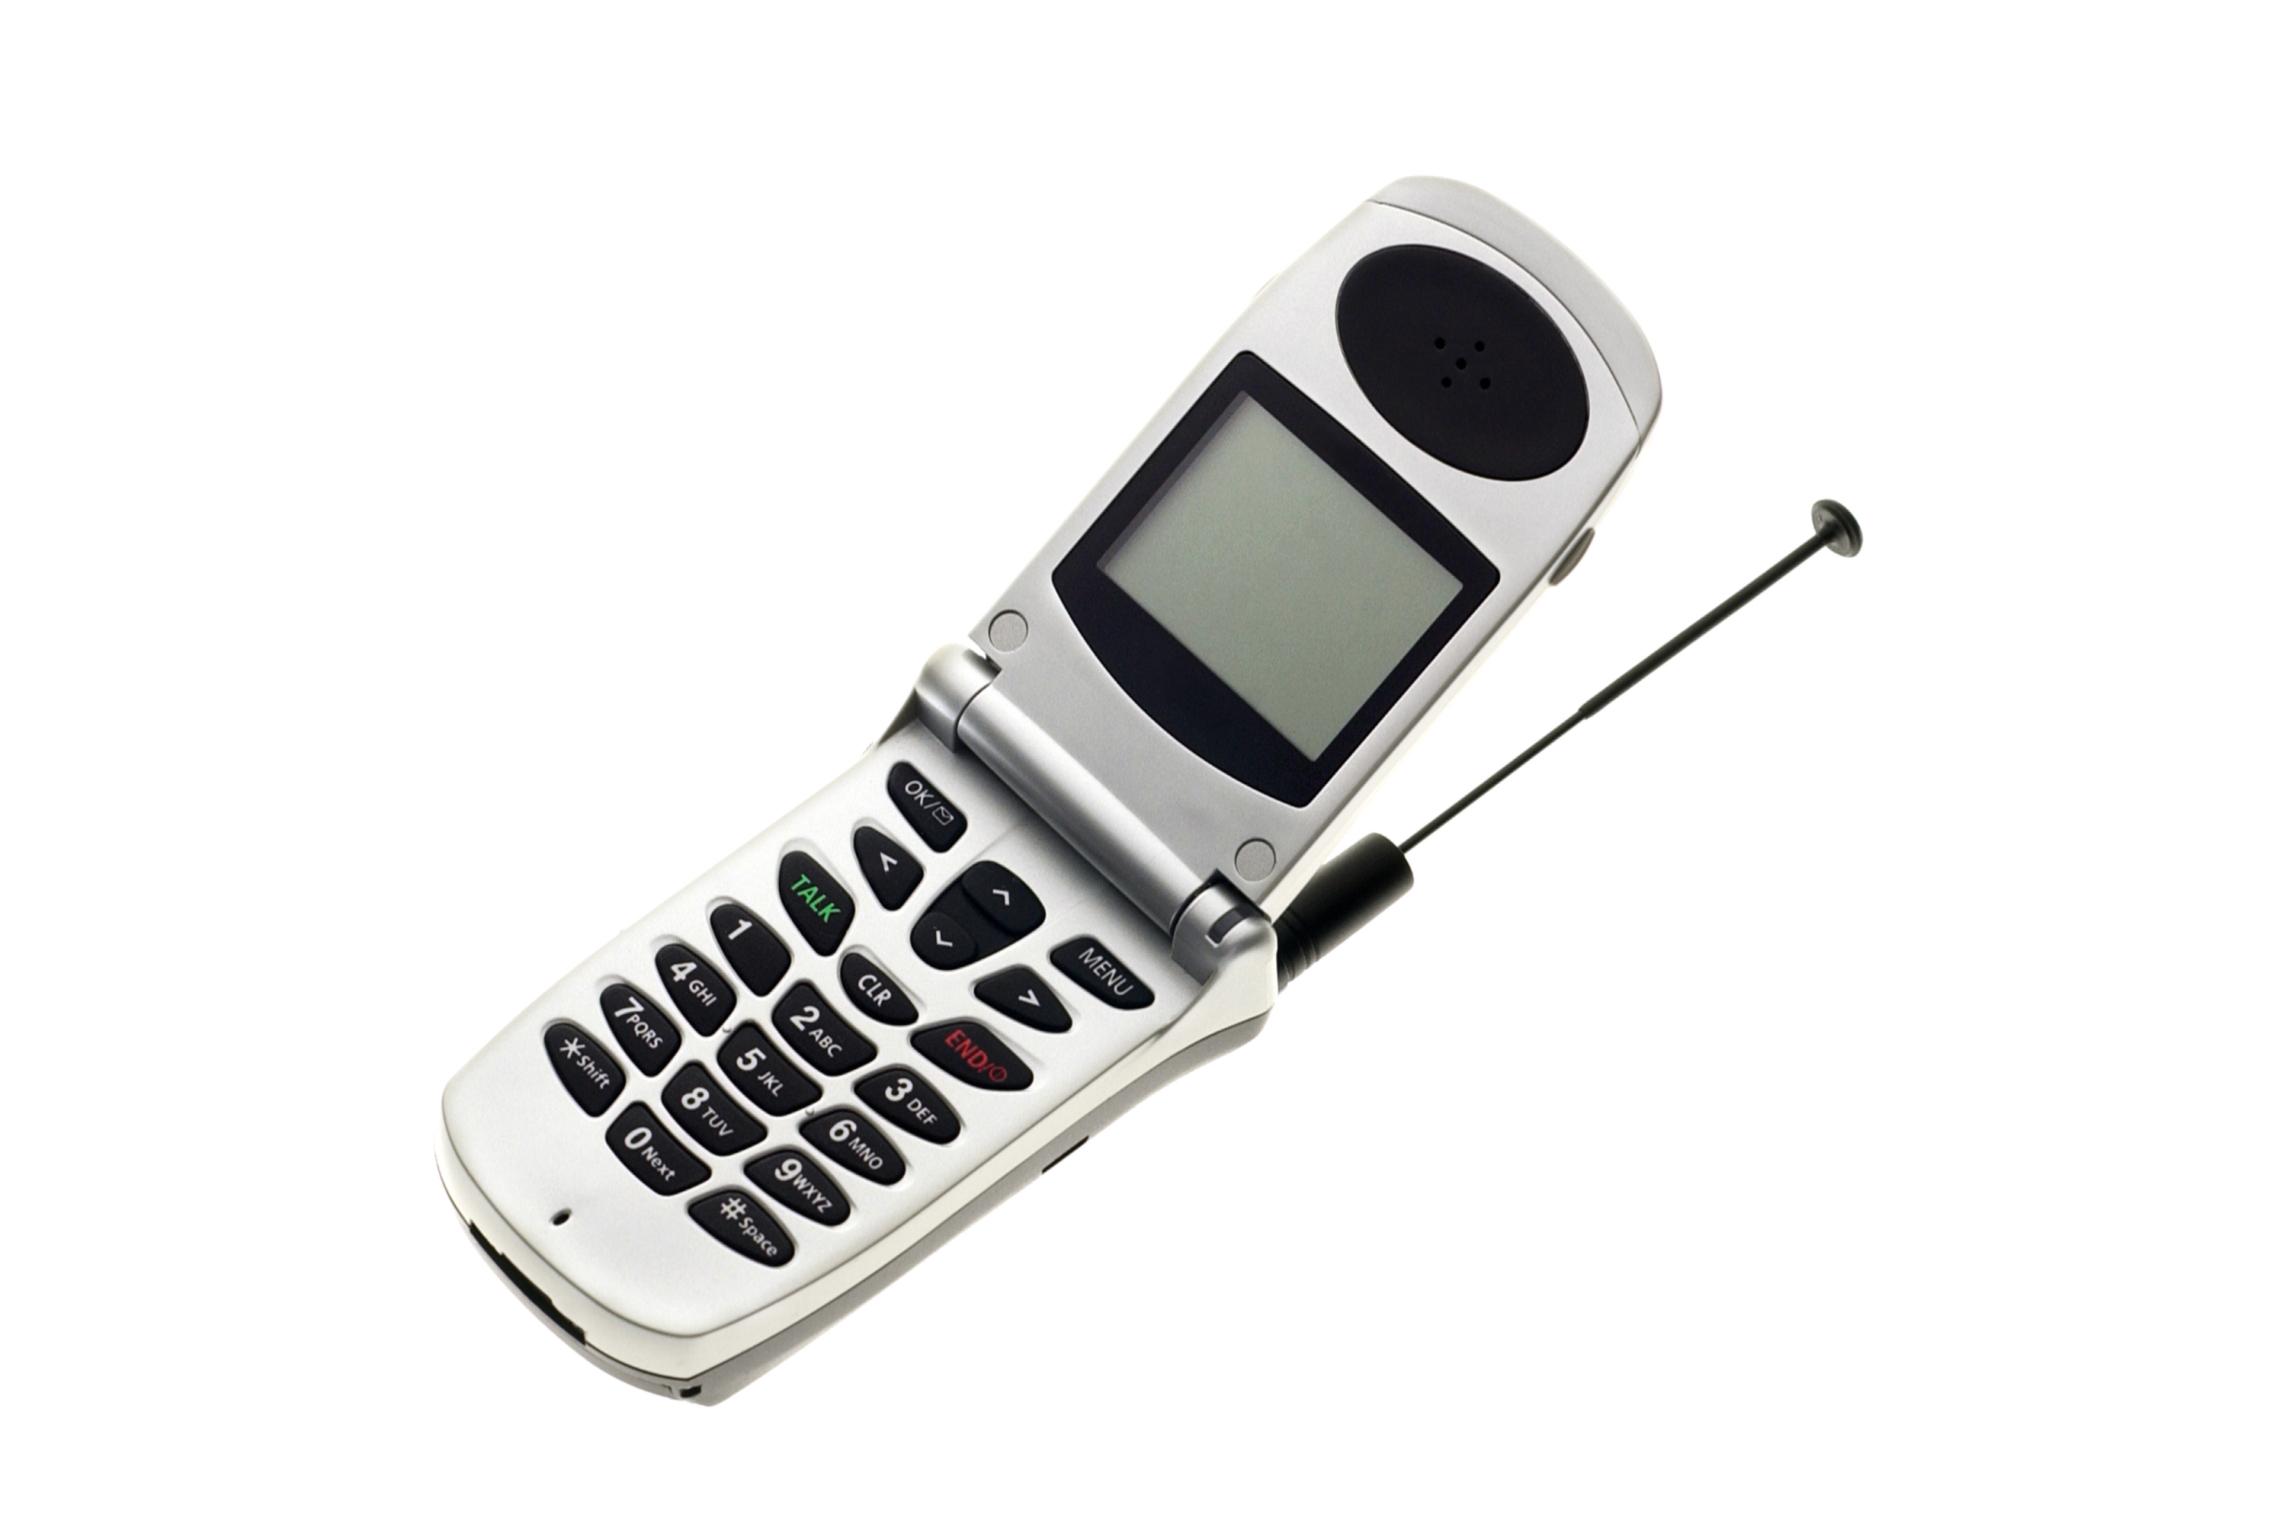 como intervenir un celular nextel